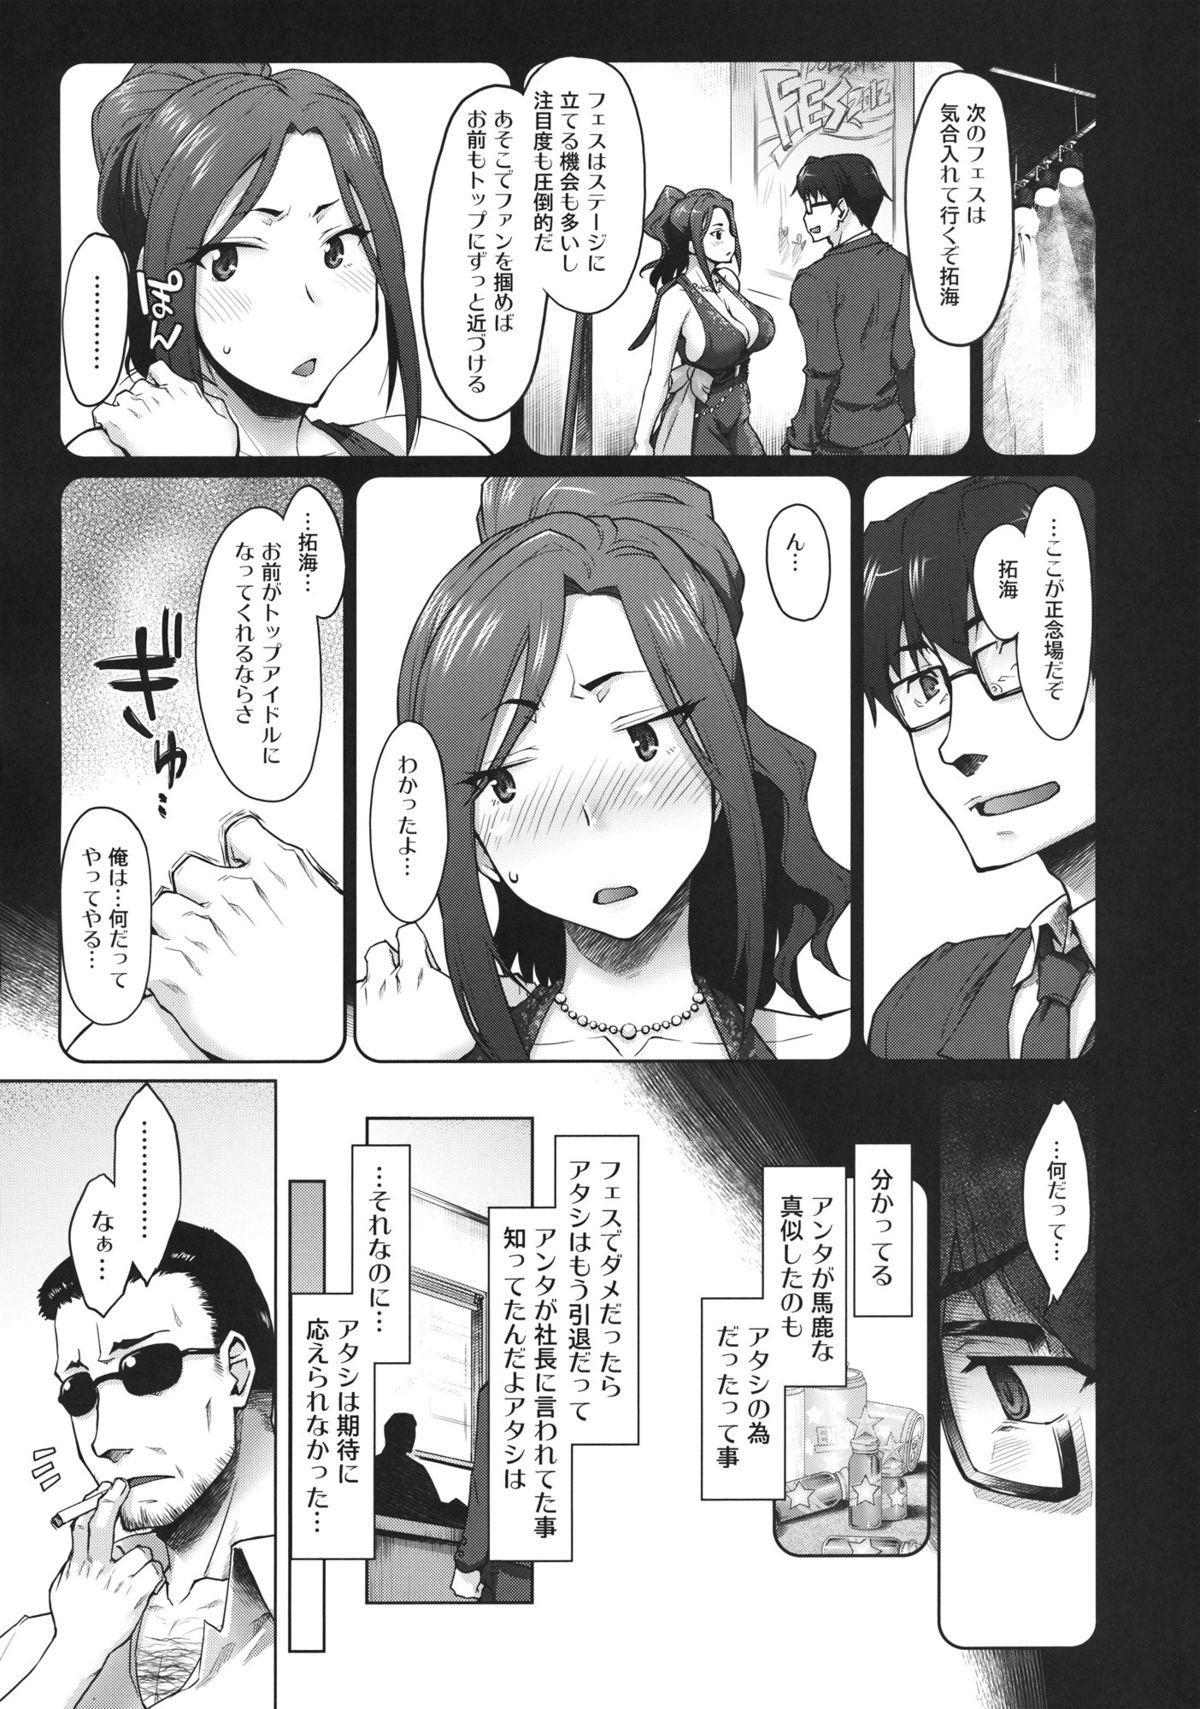 Kaikin! Bakunyuu Nama Dashi Mukai Takumi 15